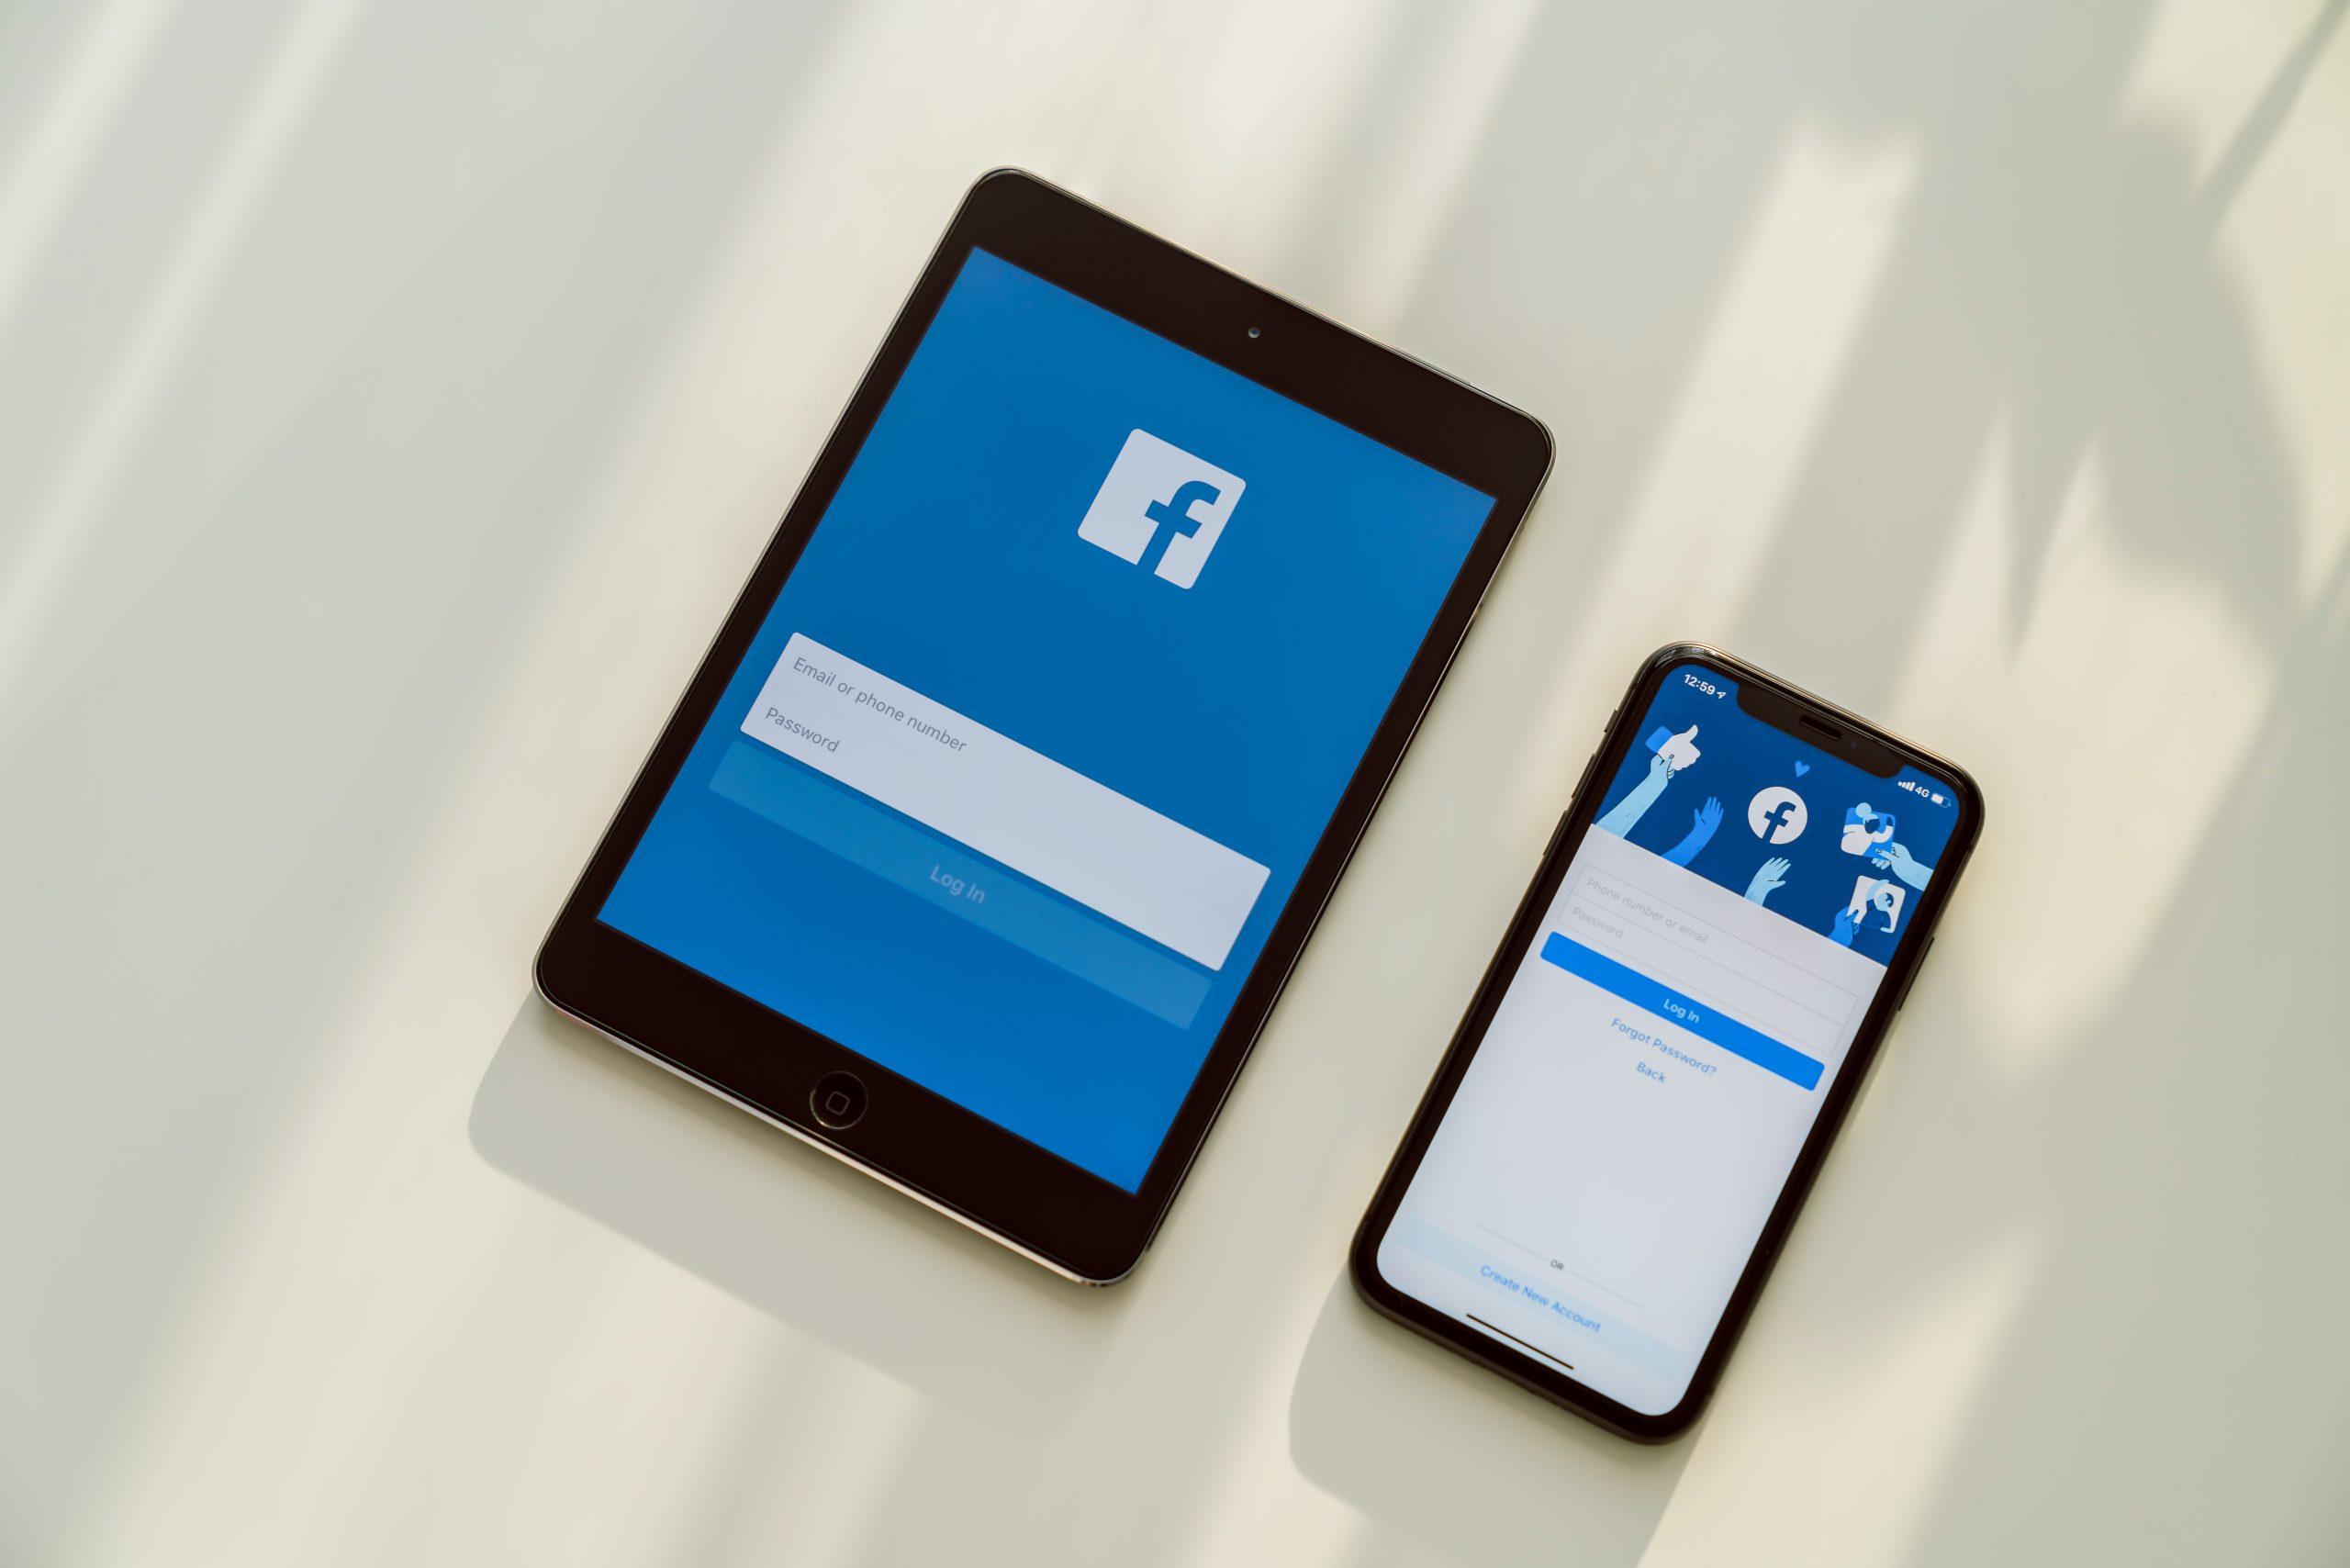 Tabletă și telefon cu aplicația Facebook